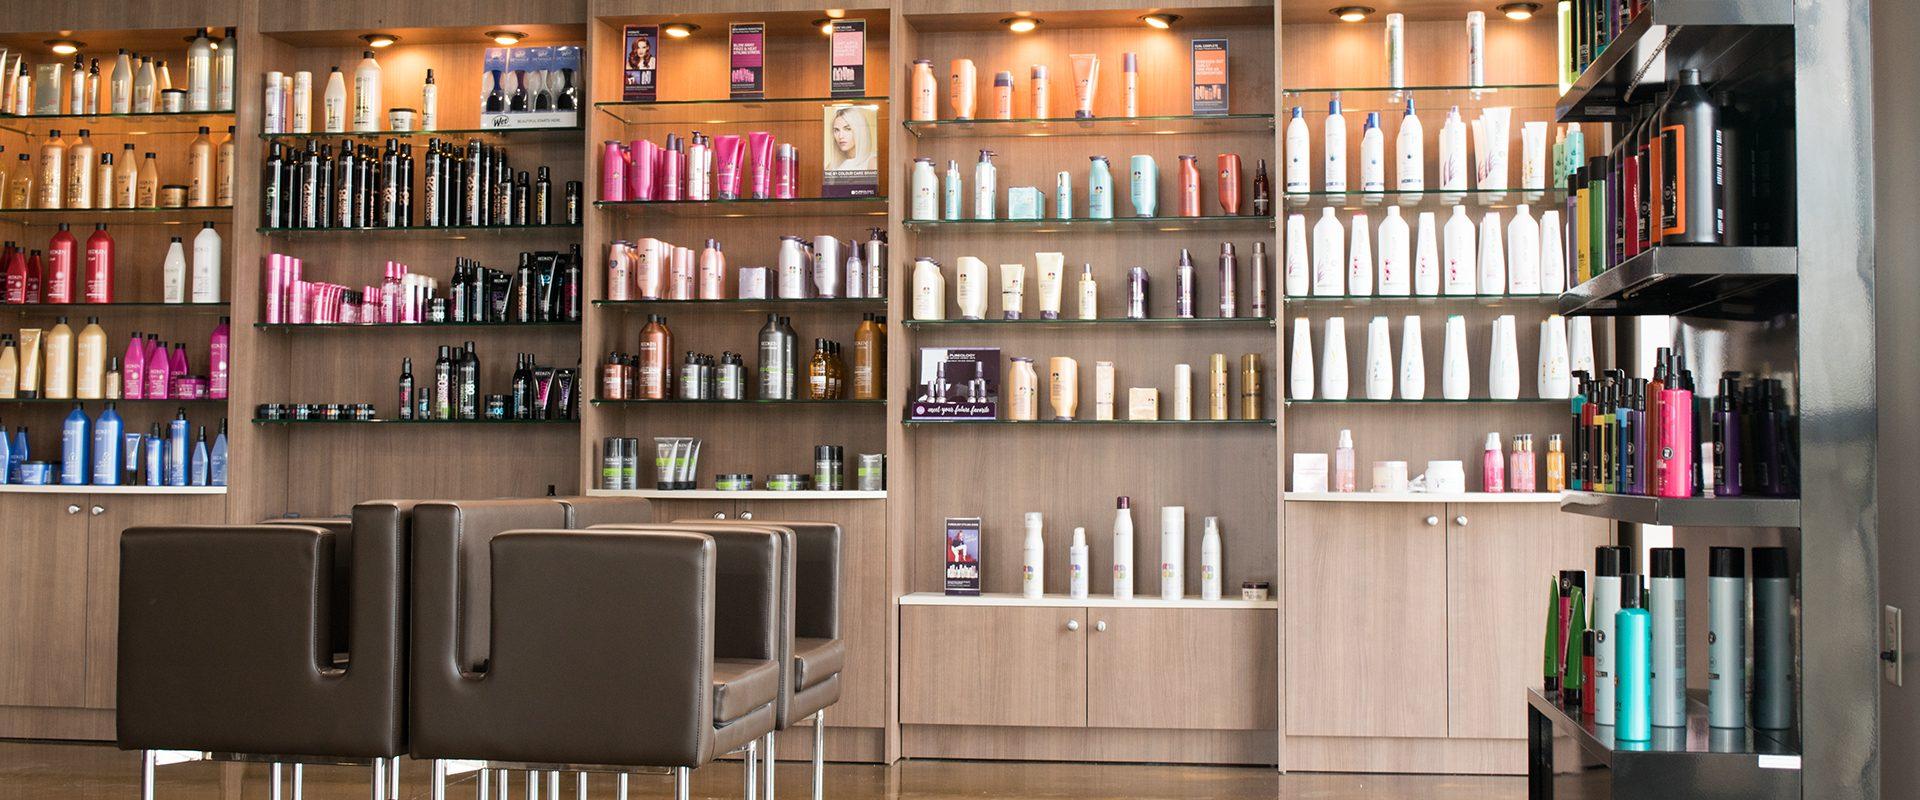 Revive salon spa danville il hair nails wax tan for Salon fixtures